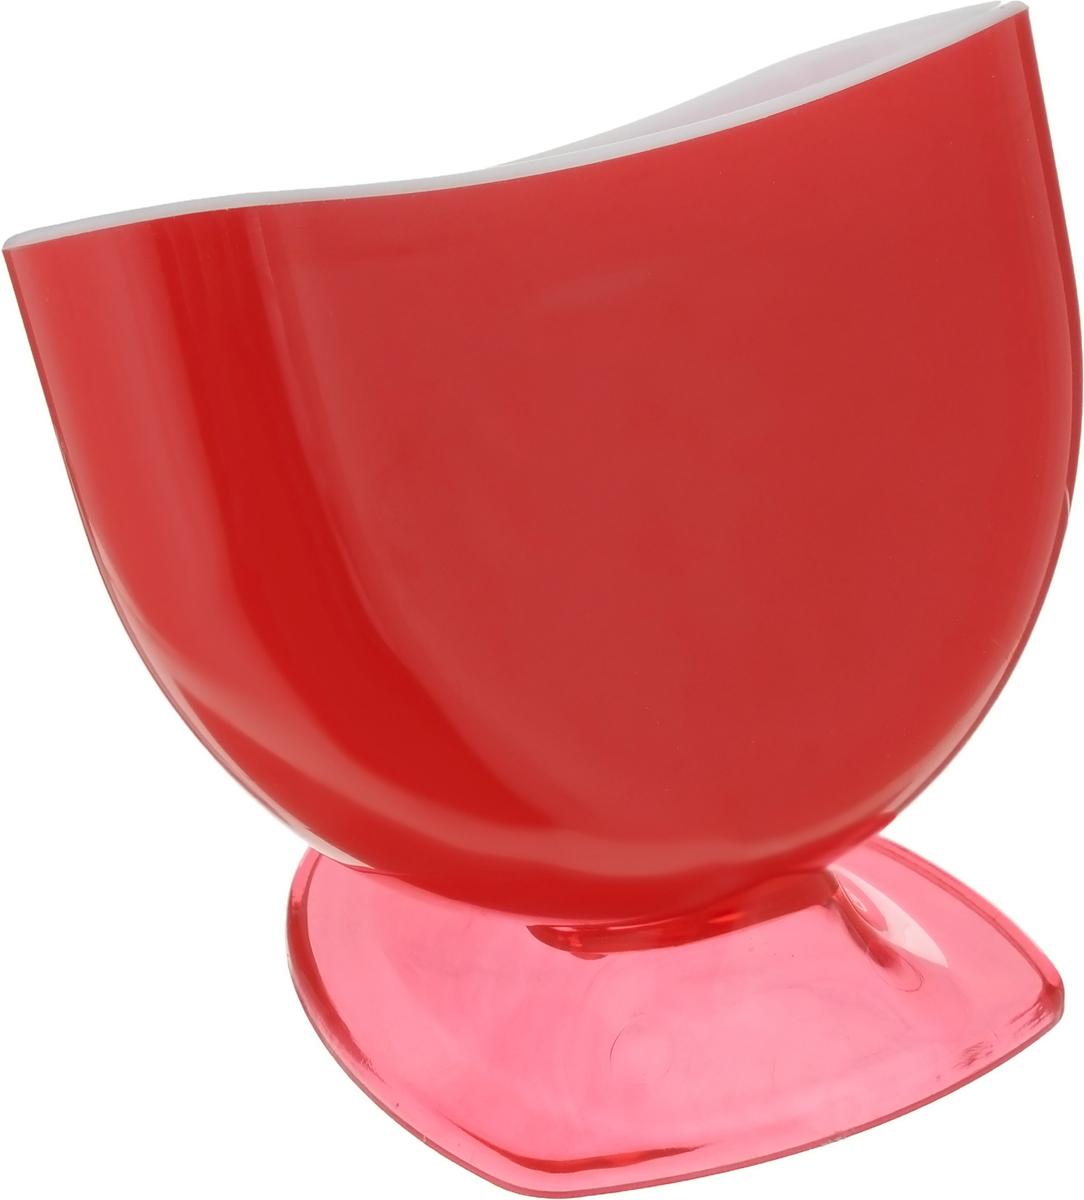 Подставка для губки Libra Plast, цвет: красный. LP0037LP0037_красныйПодставка для губки Libra Plast - это интересное и оригинальное украшение вашей кухни. Она выполнена из пластика.С такой подставкой губка для мытья посуды всегда будет у вас под рукой.Размер подставки (с учетом ножки): 11,5 х 8 х 9 см.